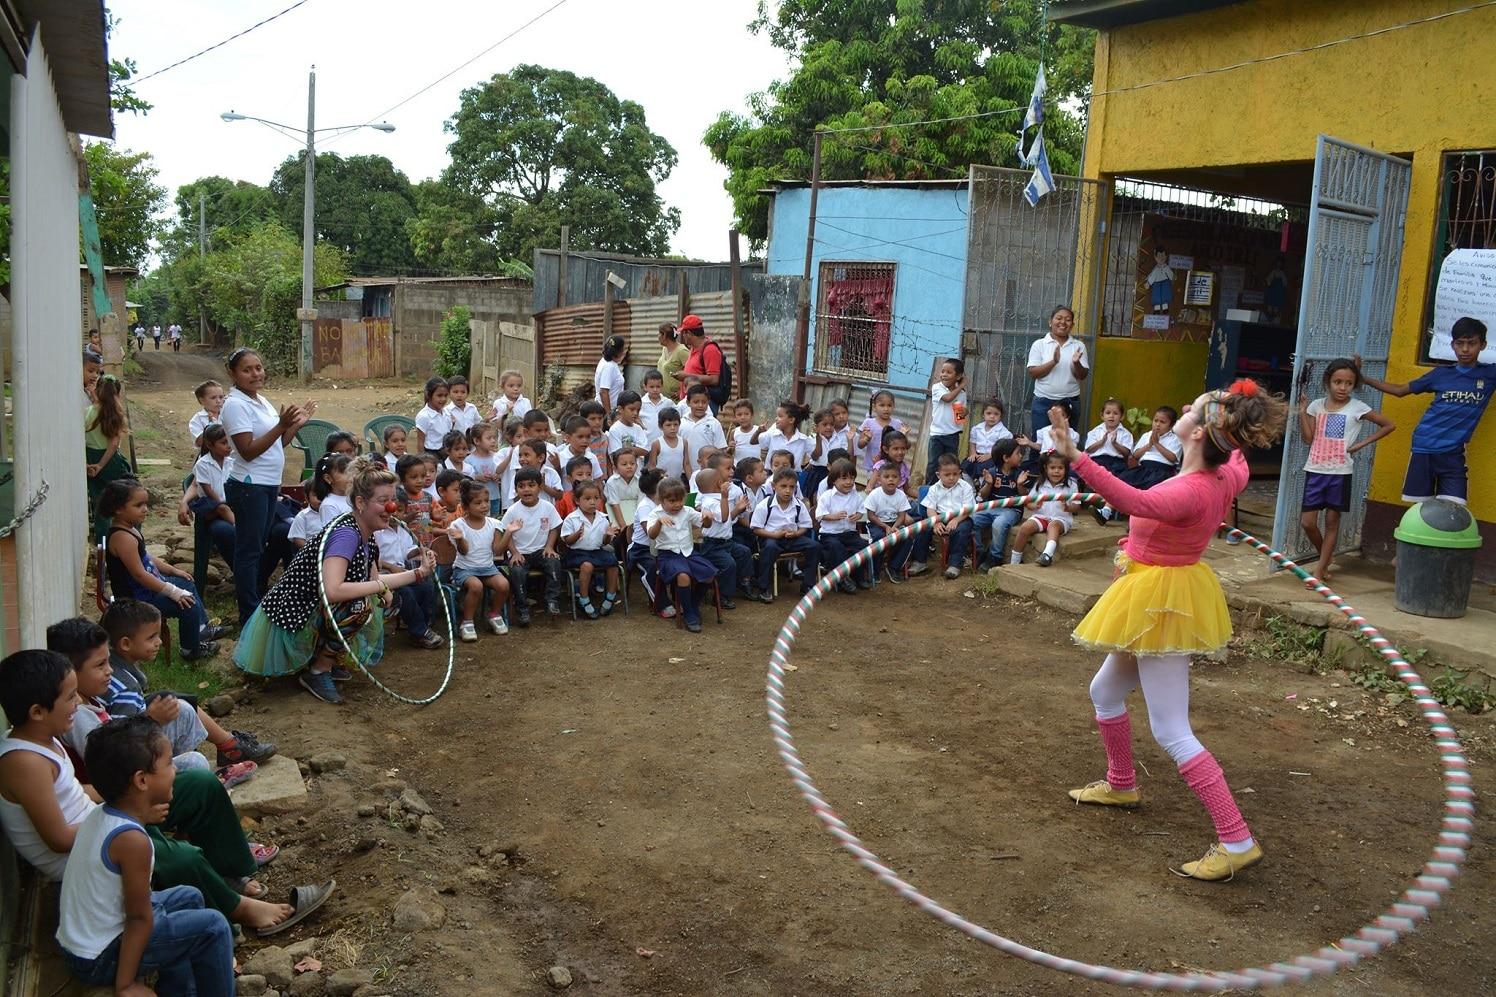 A brasileira Aline Moreno com o seu bambolê gigante numa das ruas de barro da Nicarágua. Foto Geoff Marsh